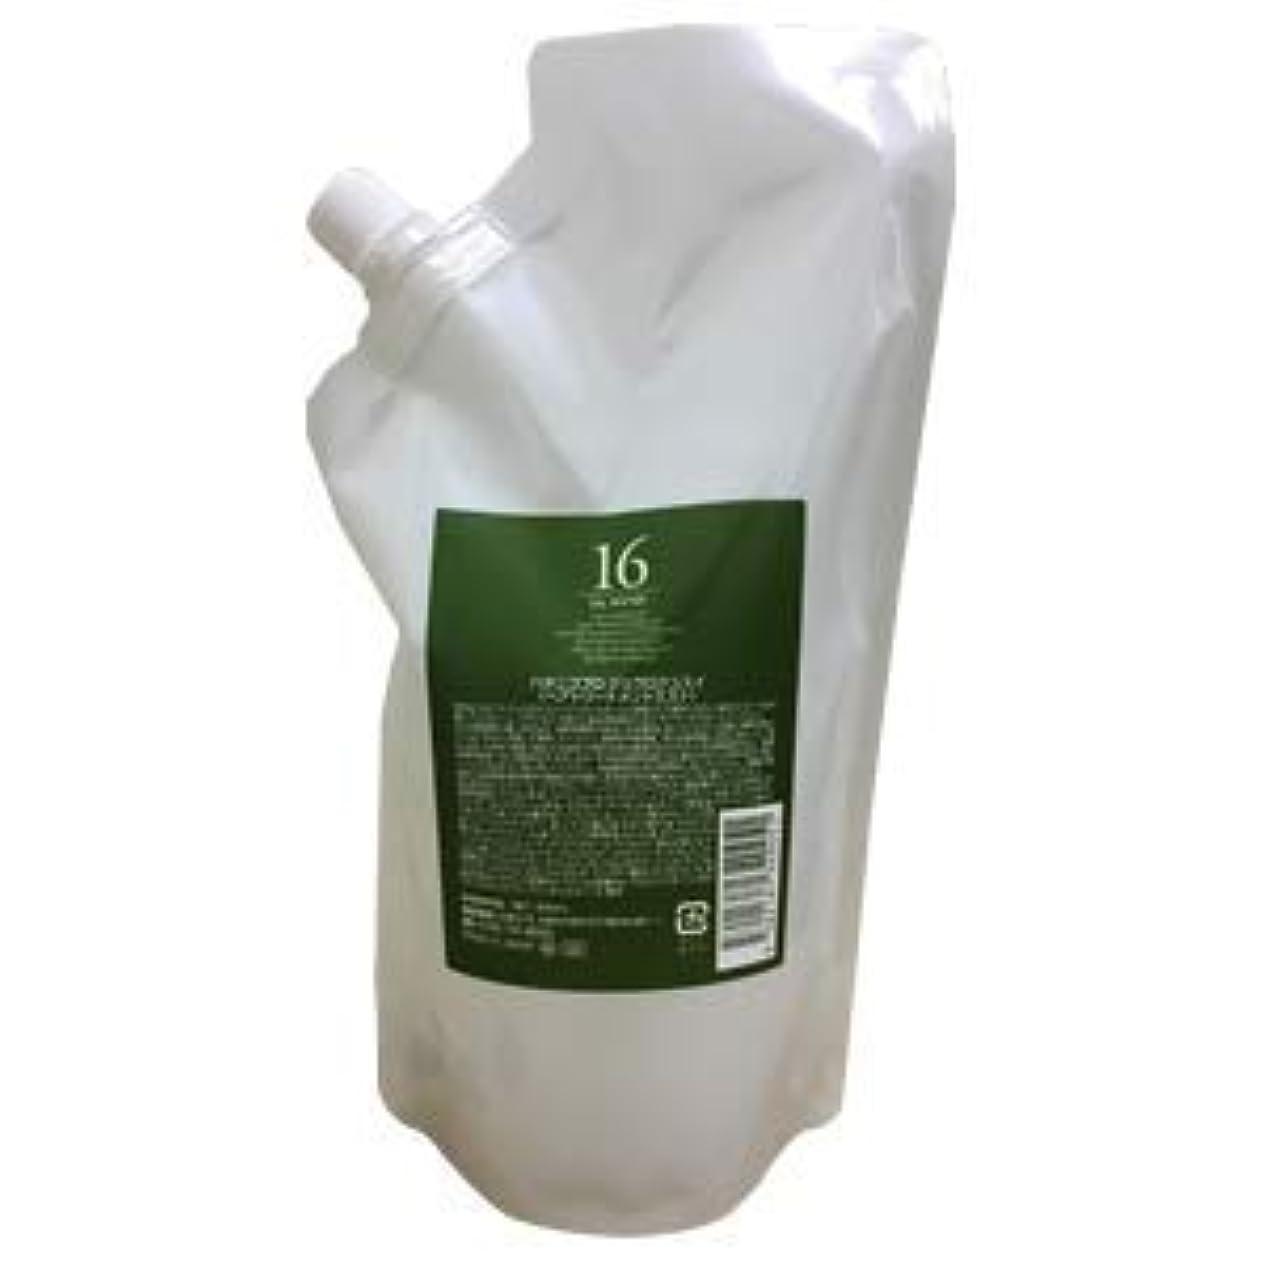 取り組む廃止原油ハホニコ 十六油水 (16油水 ジュウロクユスイ) 500mL 詰替え用